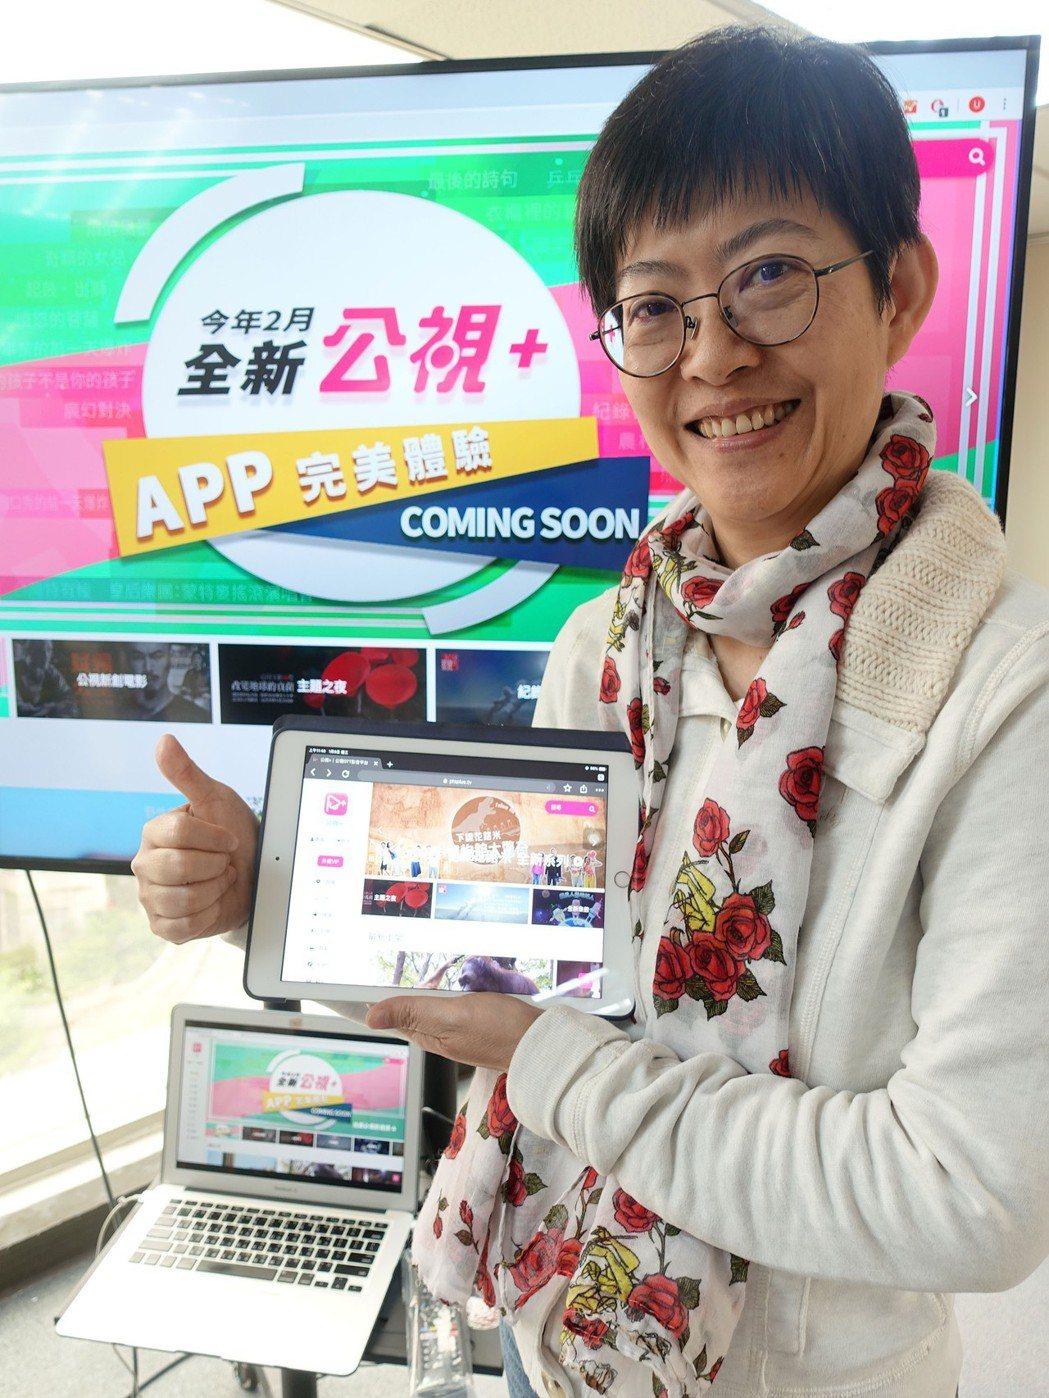 公視自營的影音串流平台「公視+」會員數已突破25萬人,更推出行動APP來深耕OT...